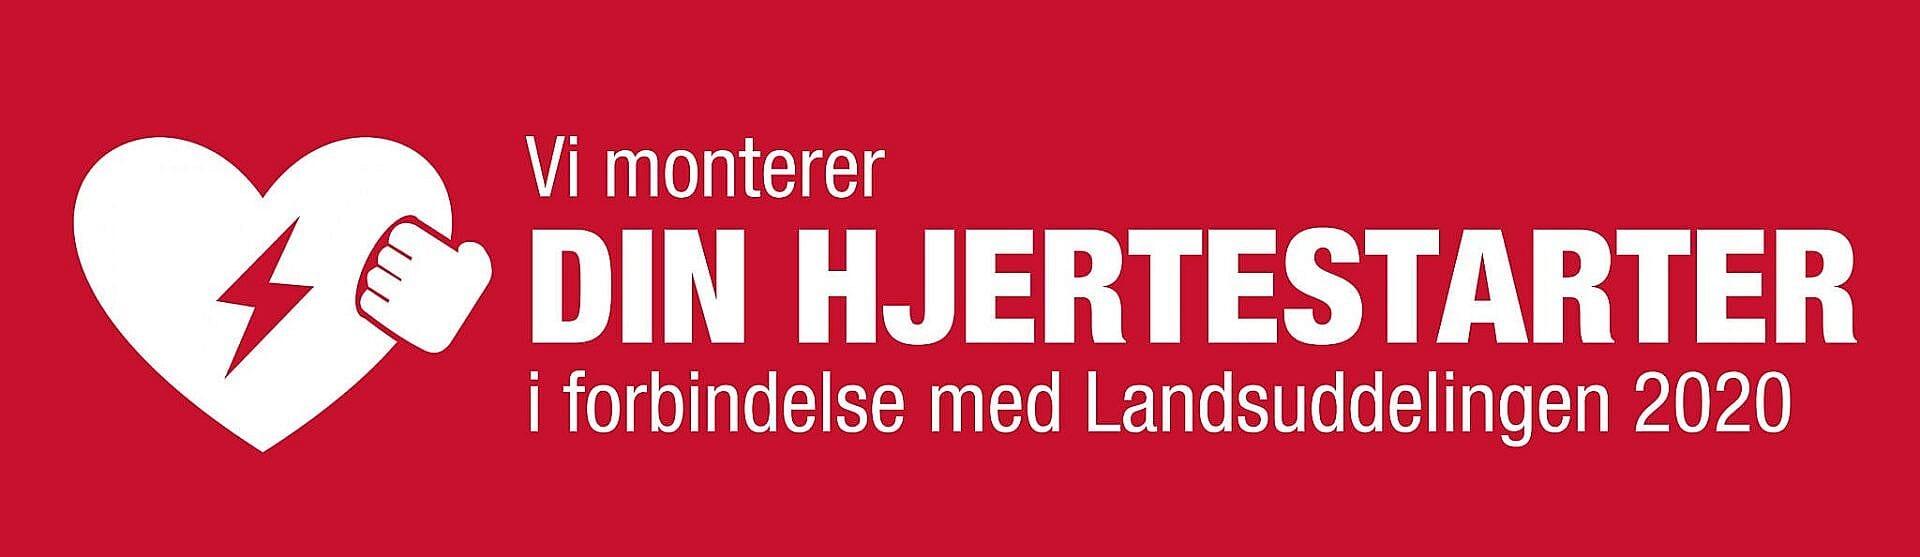 Montering af hjertestarter i Danmark